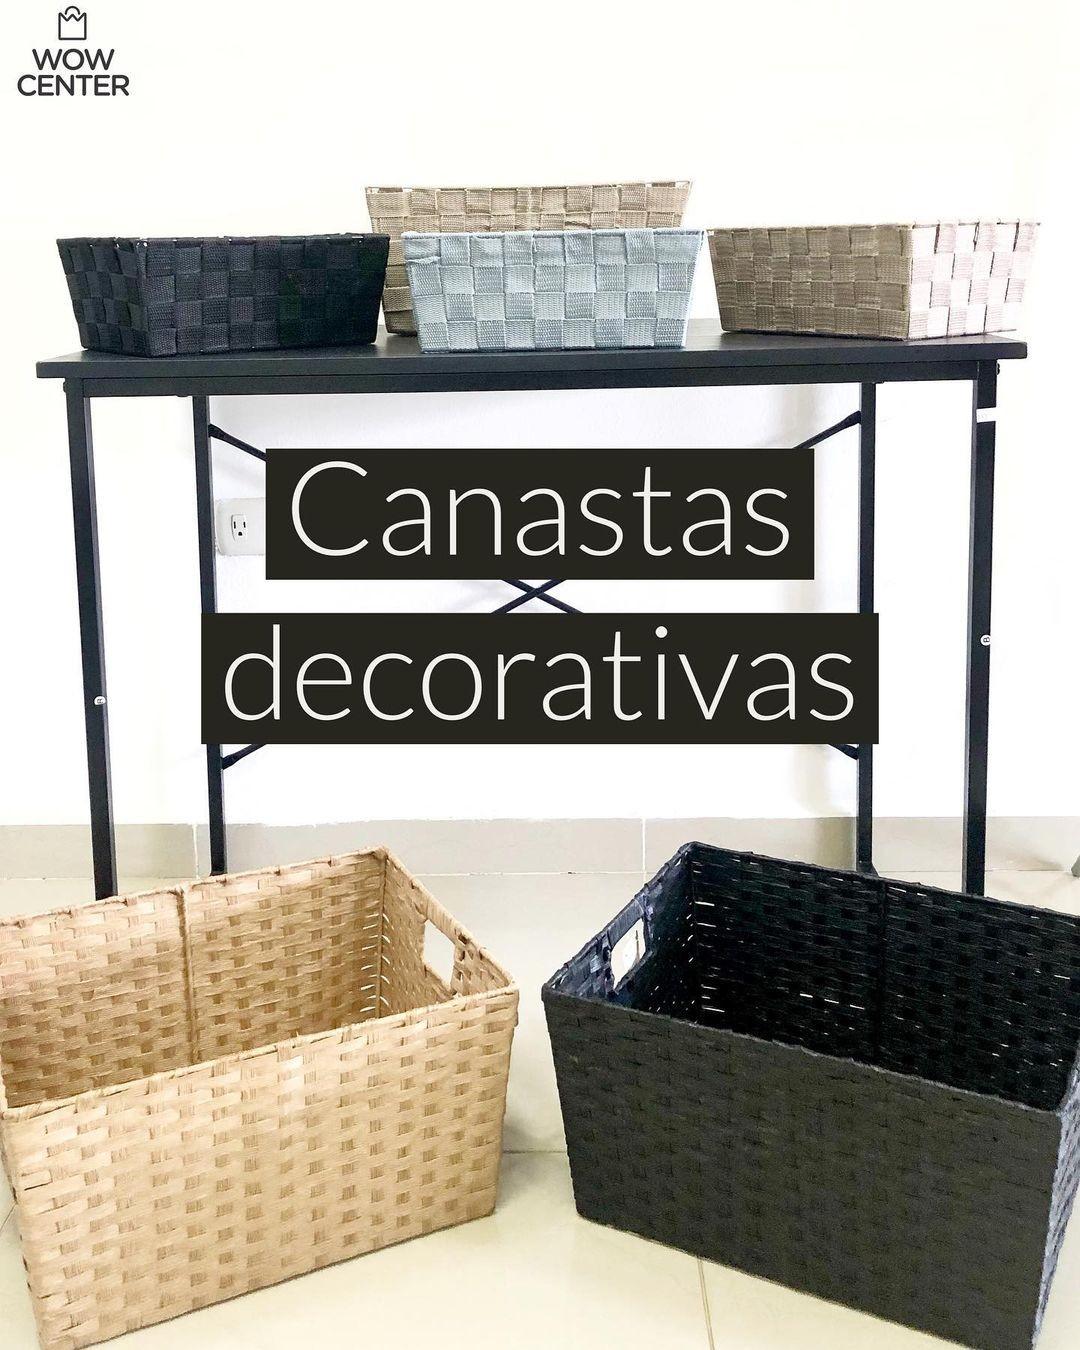 Canastas Decorativas